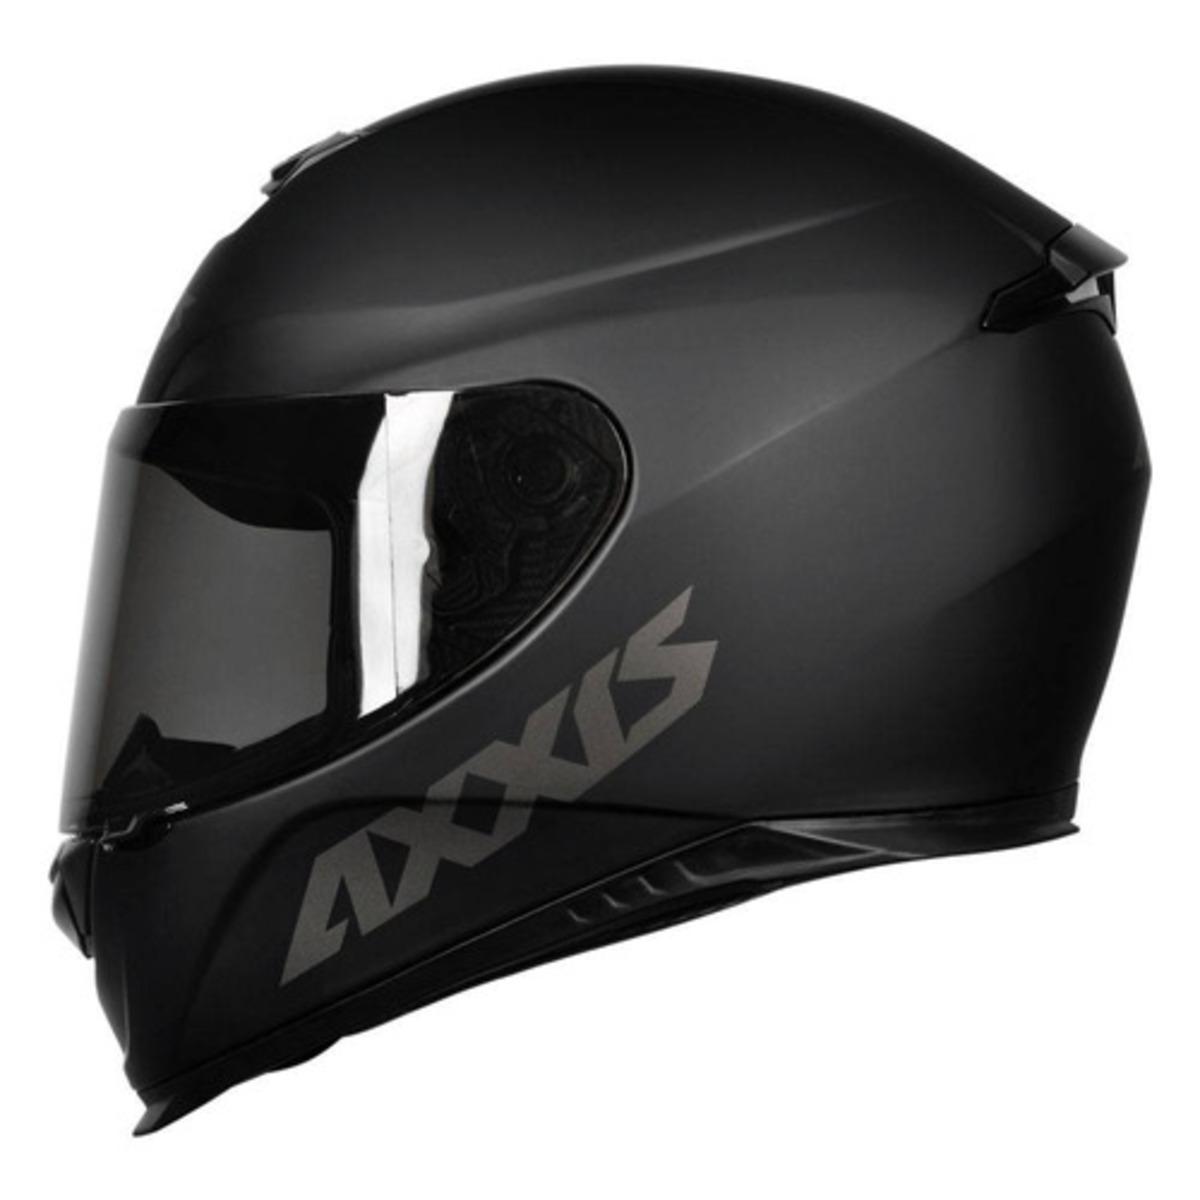 CAPACETE AXXIS EAGLE SOLID MONOCOLOR MATTE BLACK/GREY 58/M